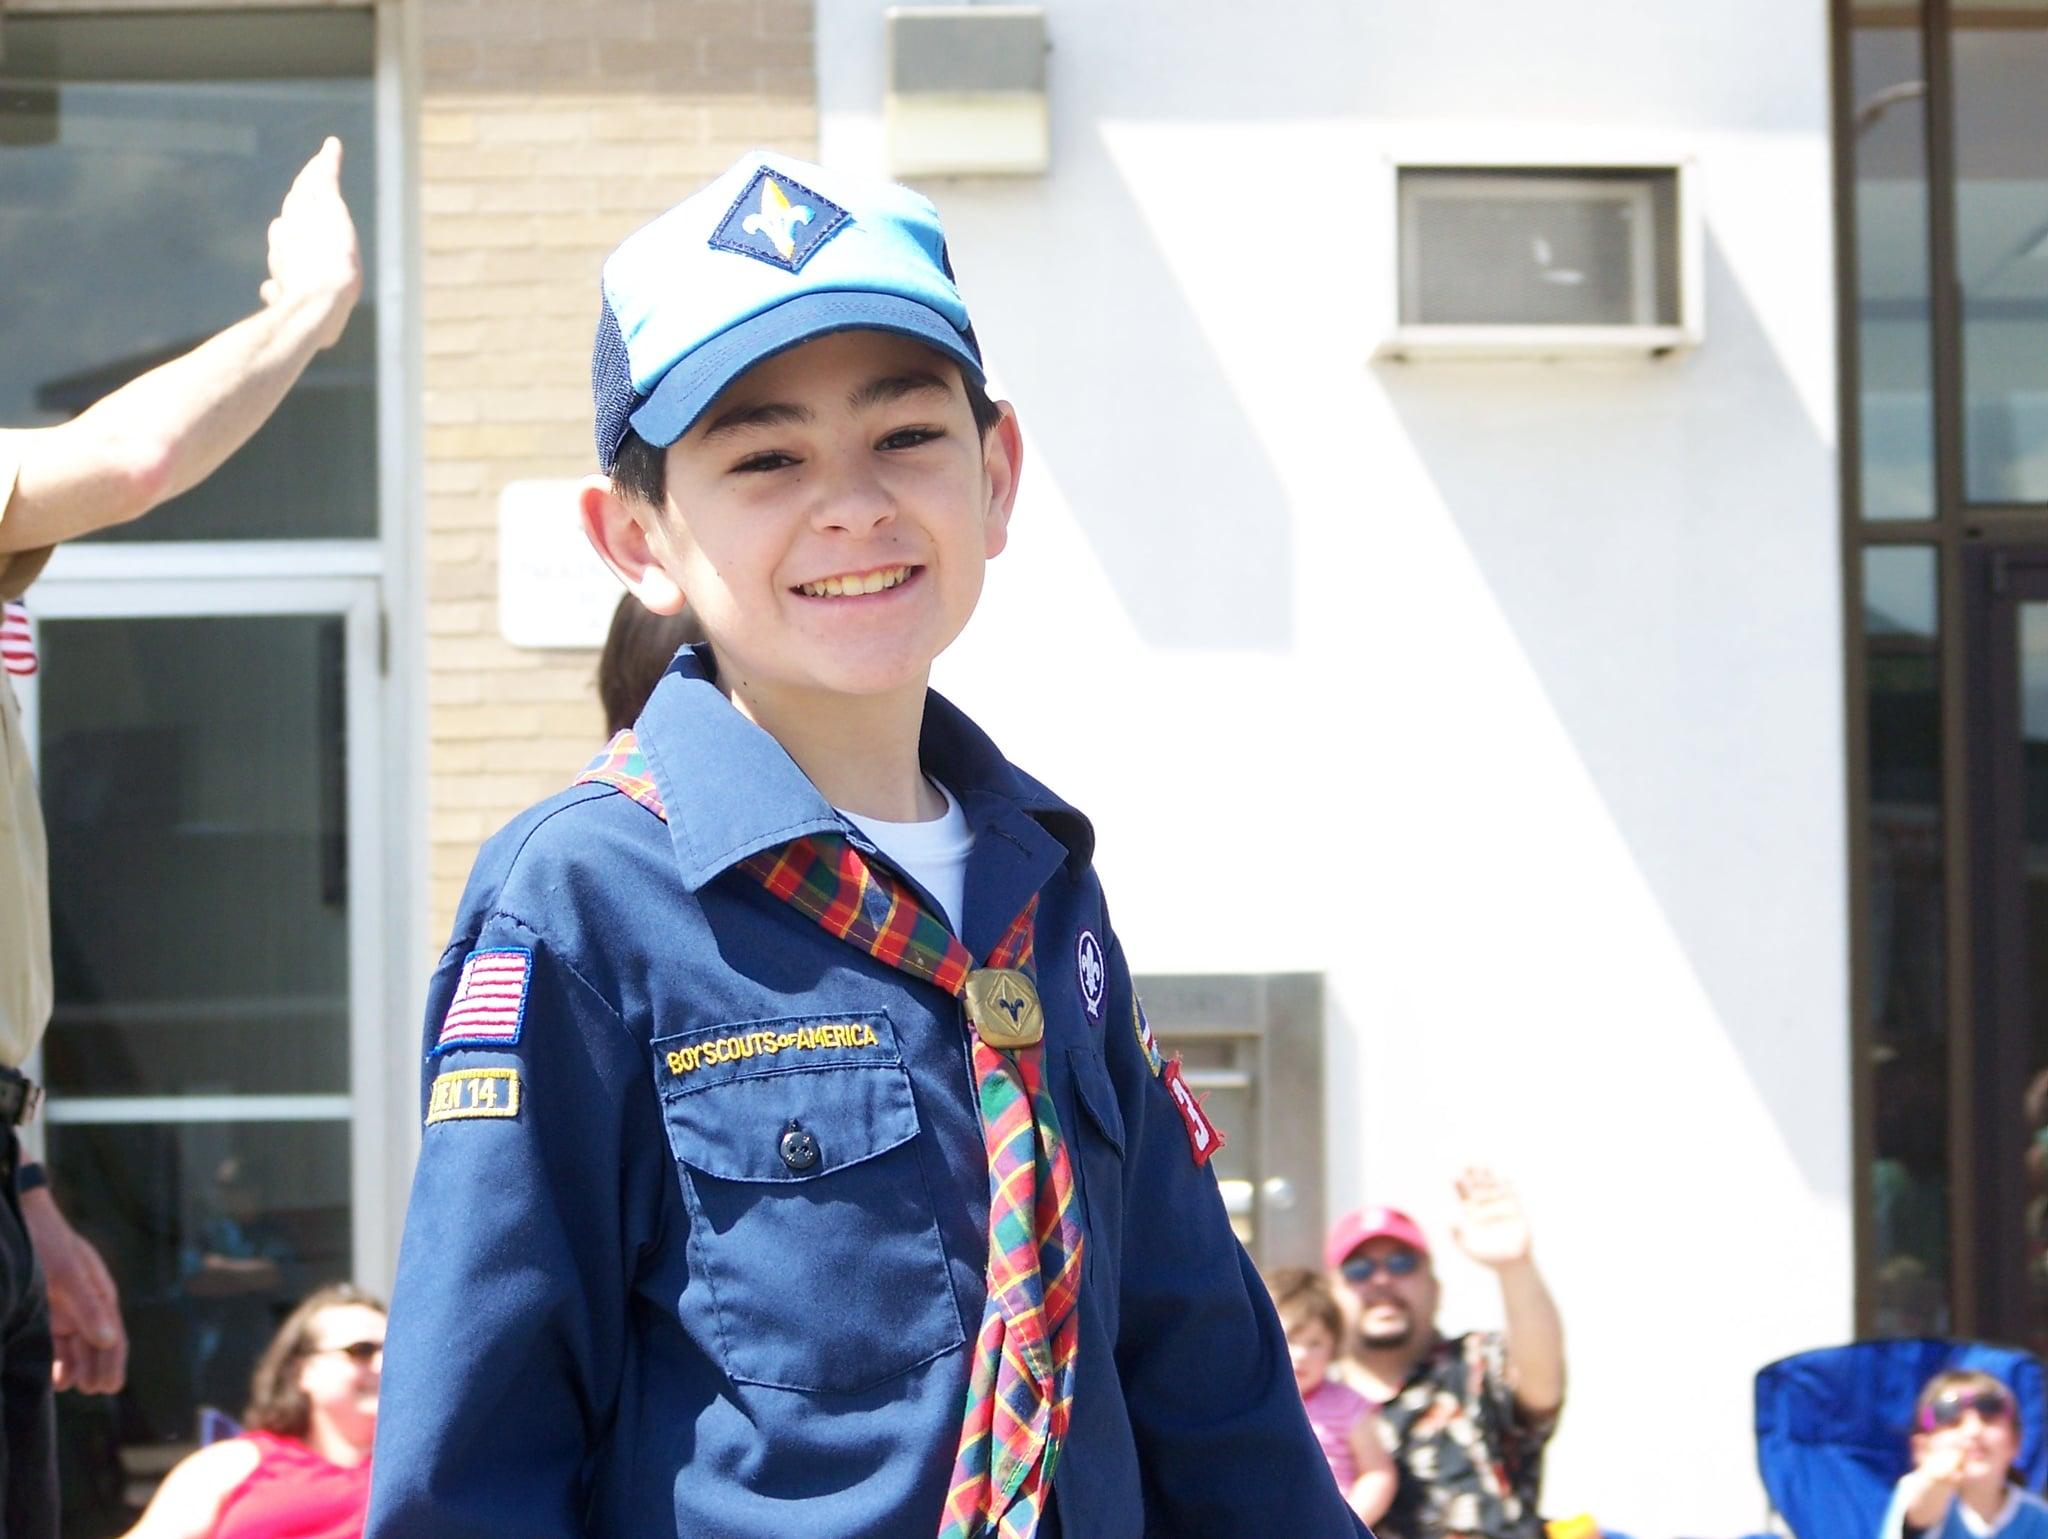 Boy Scout Pride